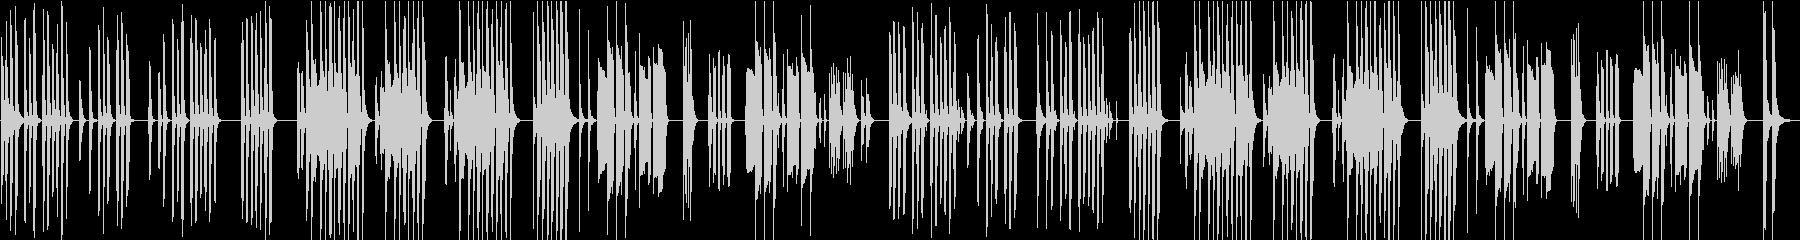 コミカルで温かみのあるおどけた曲の未再生の波形